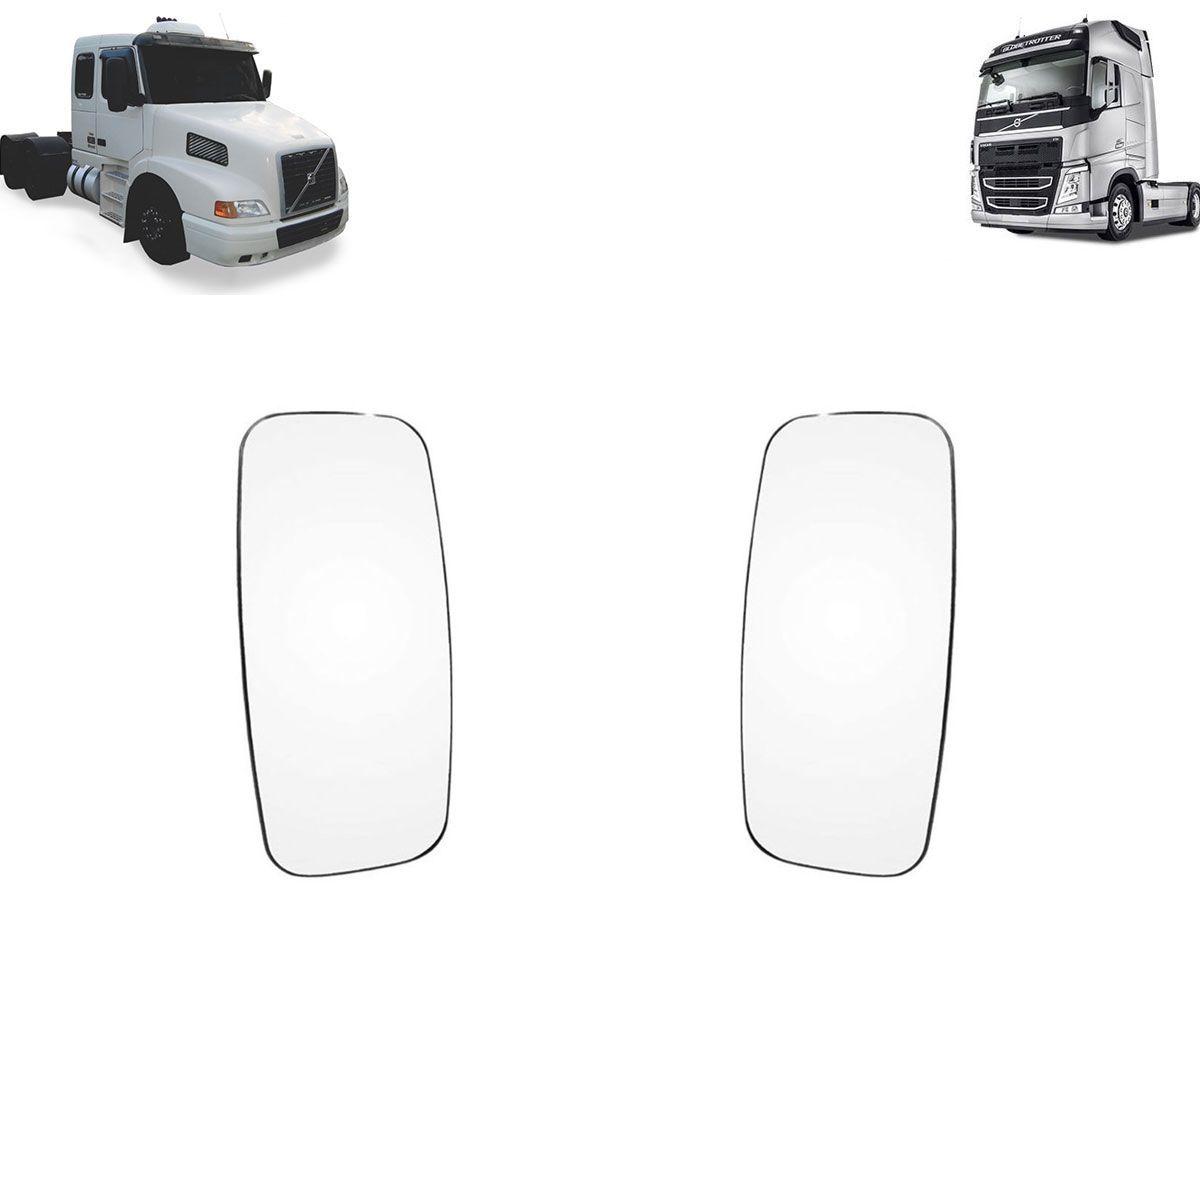 Vidro com Base Espelho Volvo FH - NH Lado Esquerdo - Lado Direito sem Desembaçador